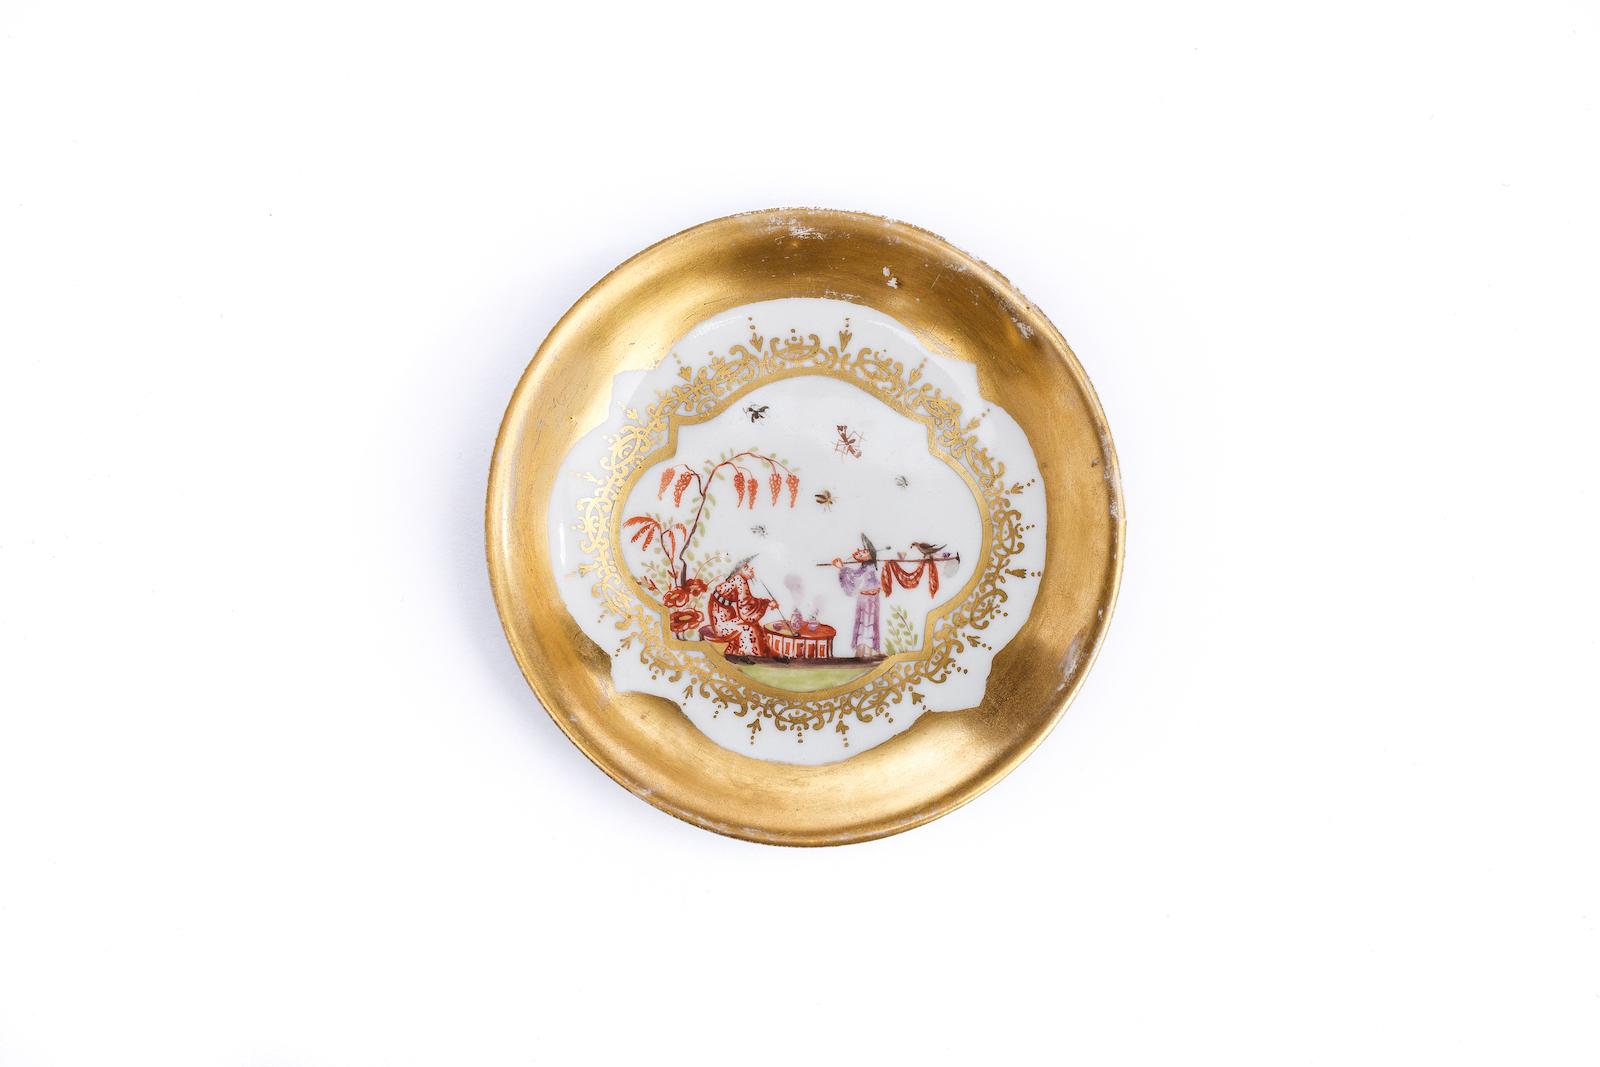 #25 Kleine Unterschale, Meissen 1730/35   A plate with a Image